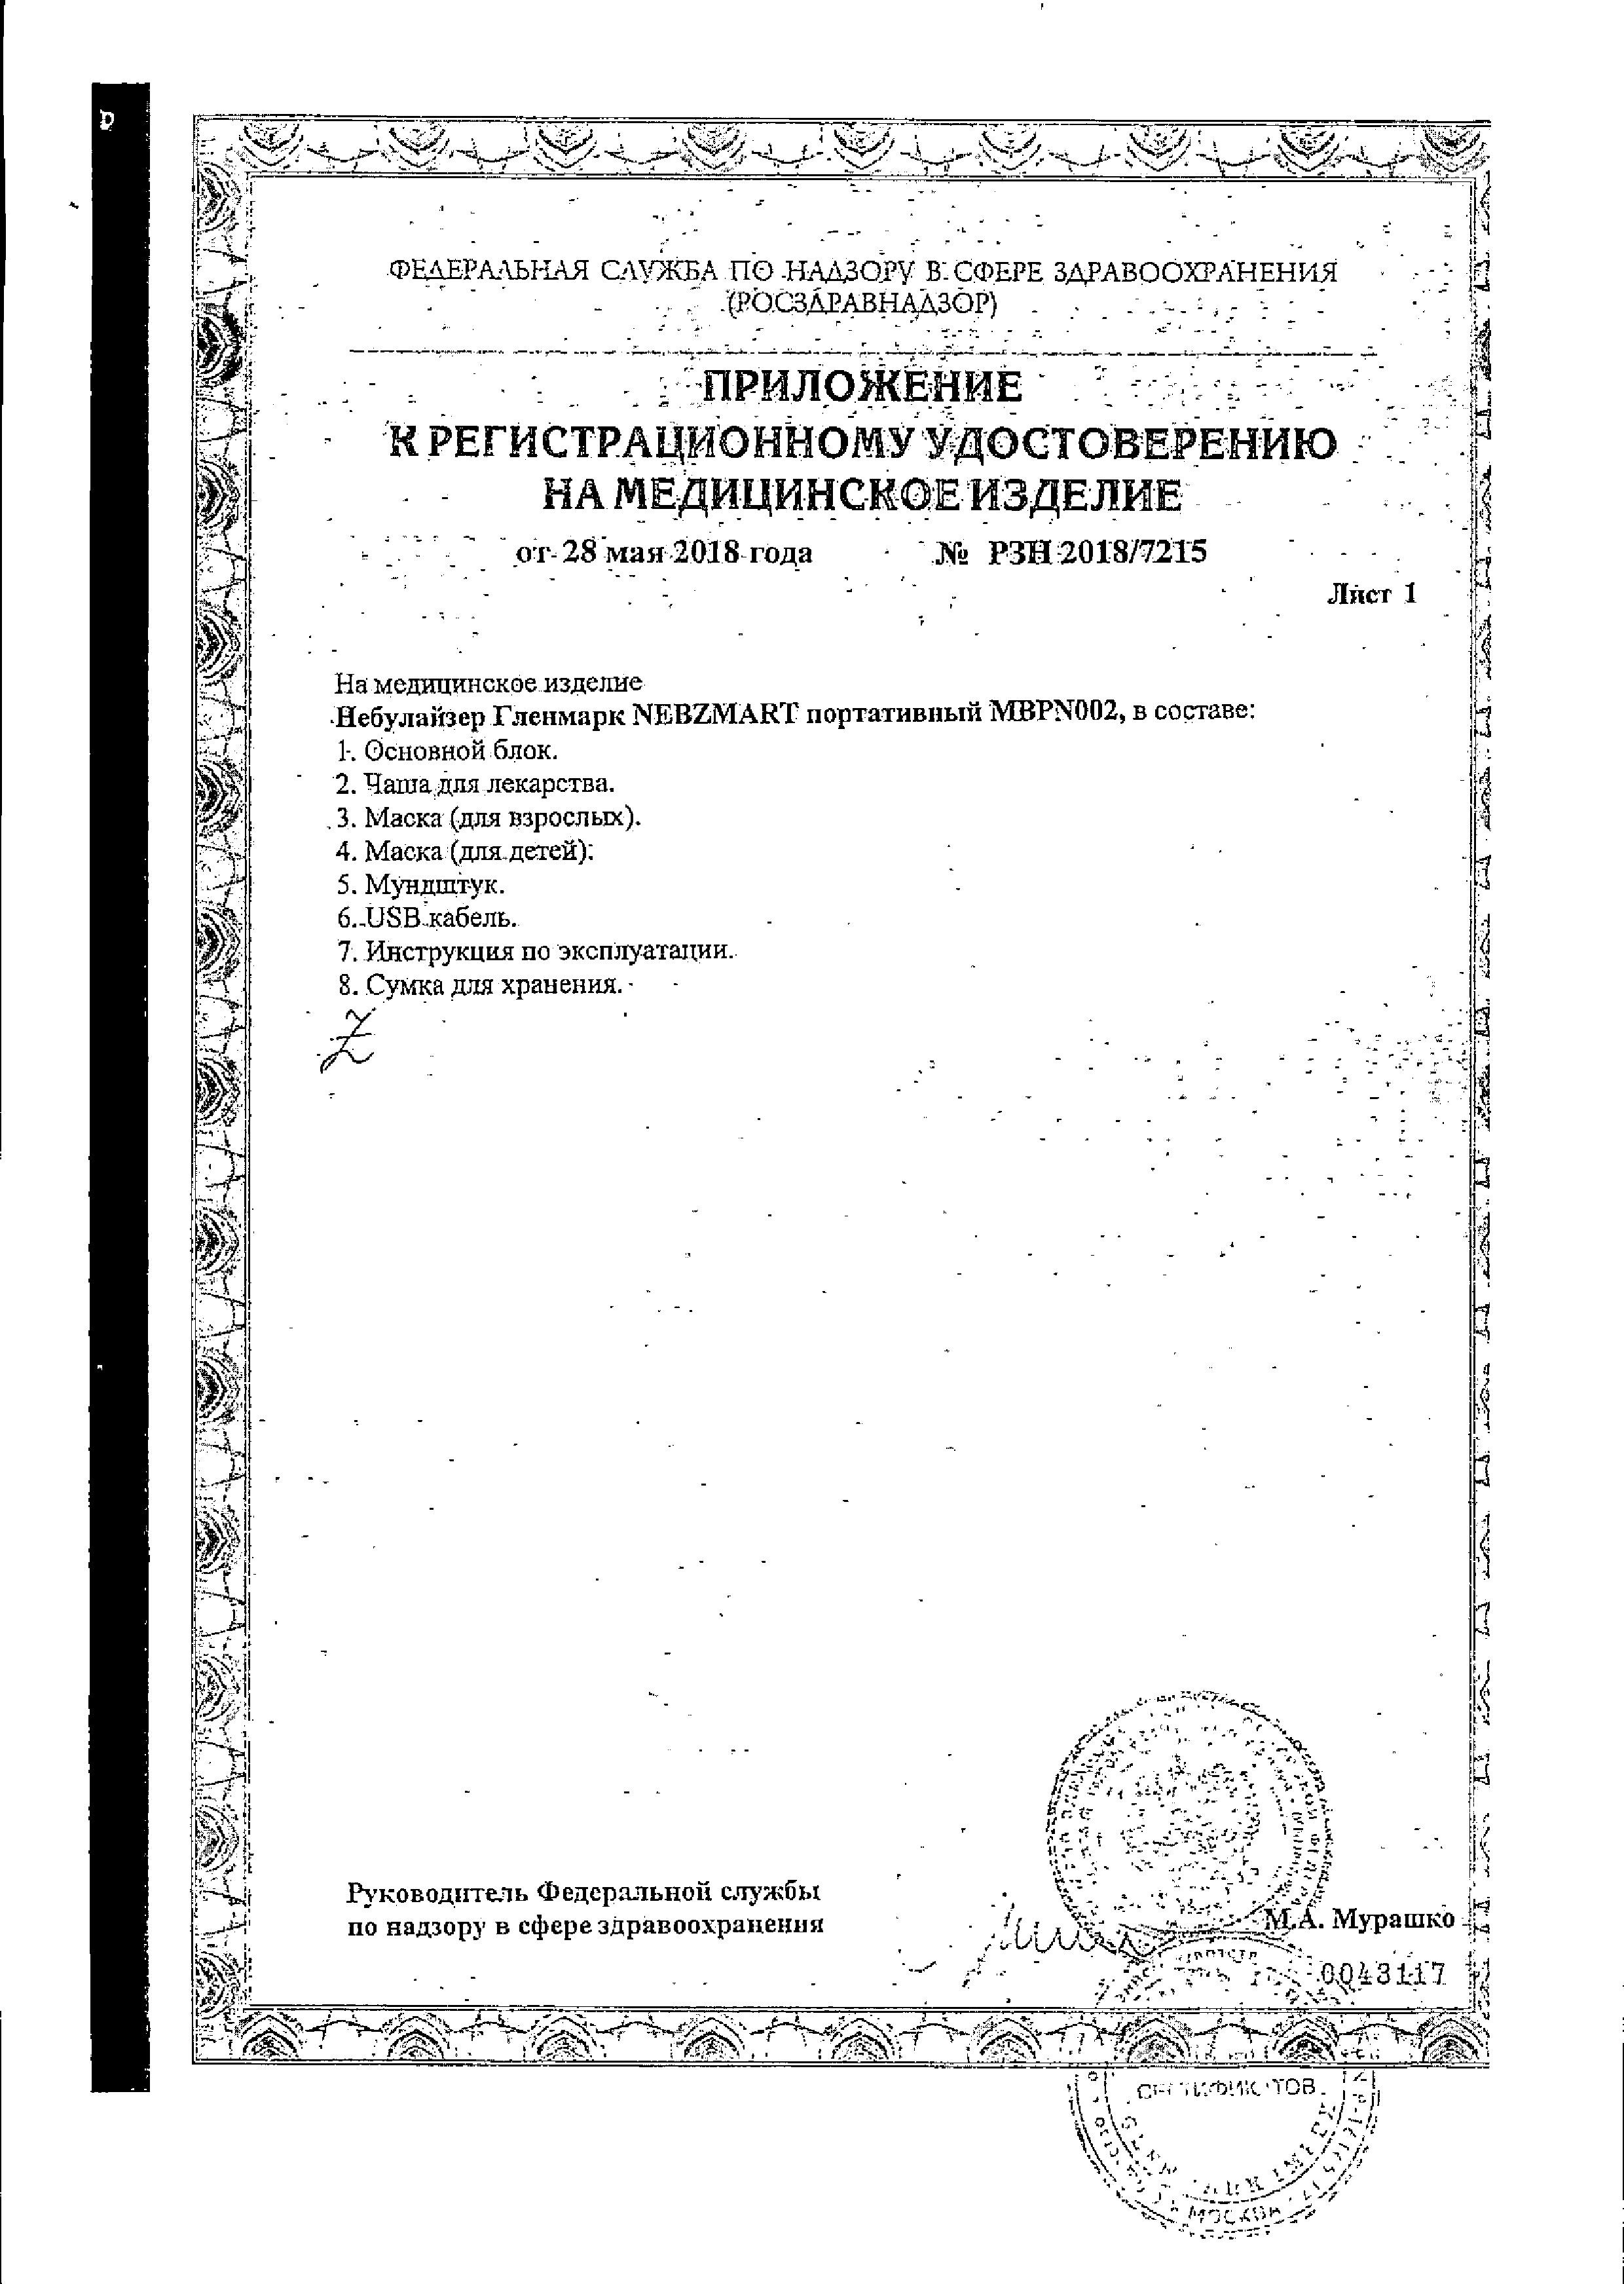 Ингалятор Гленмарк Nebzmart портативный MBPN002 сертификат